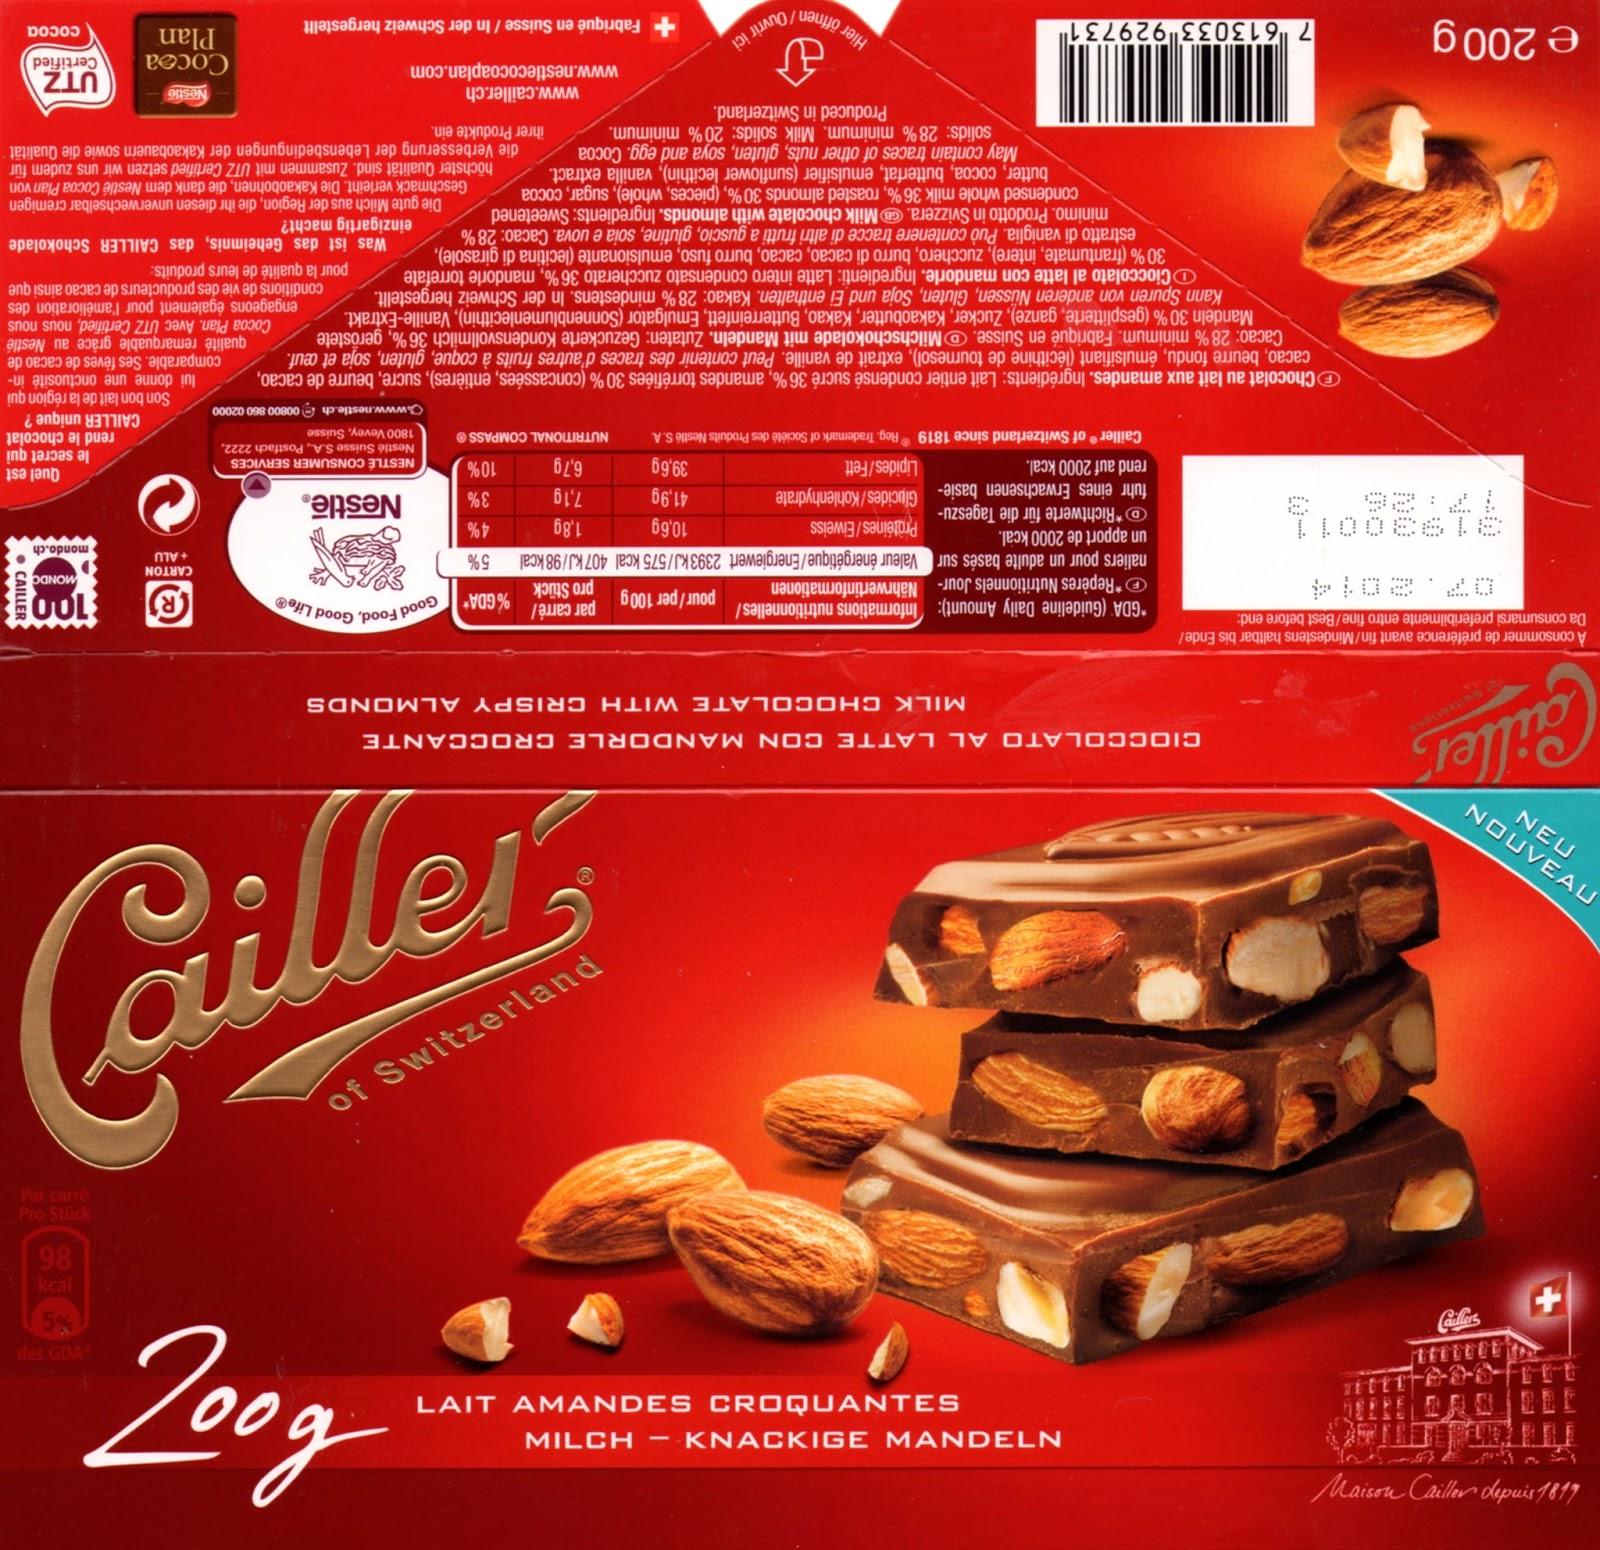 tablette de chocolat lait gourmand cailler lait amandes croquantes